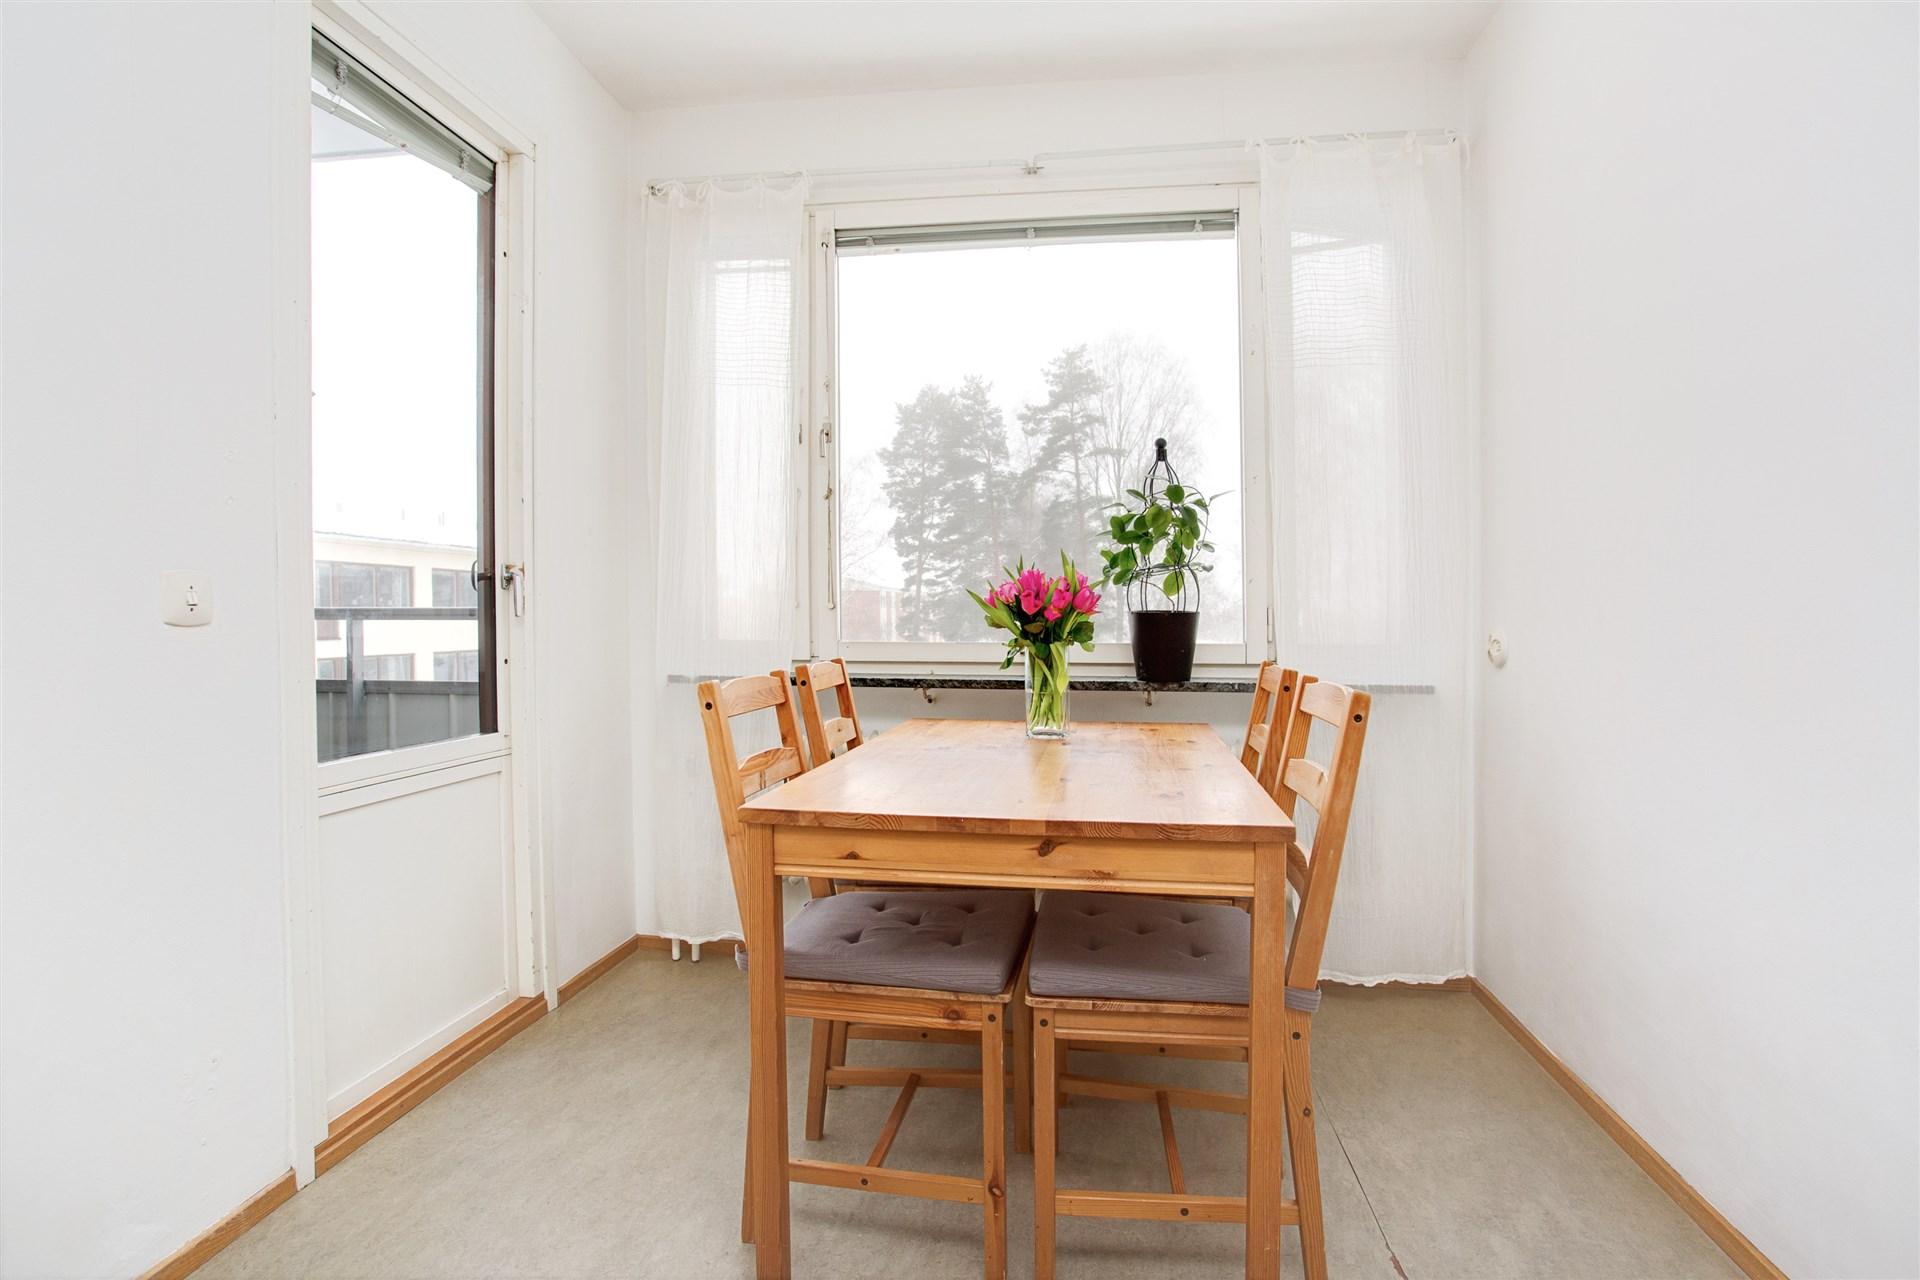 Matplats i köket med utgång till balkong i västerläge.